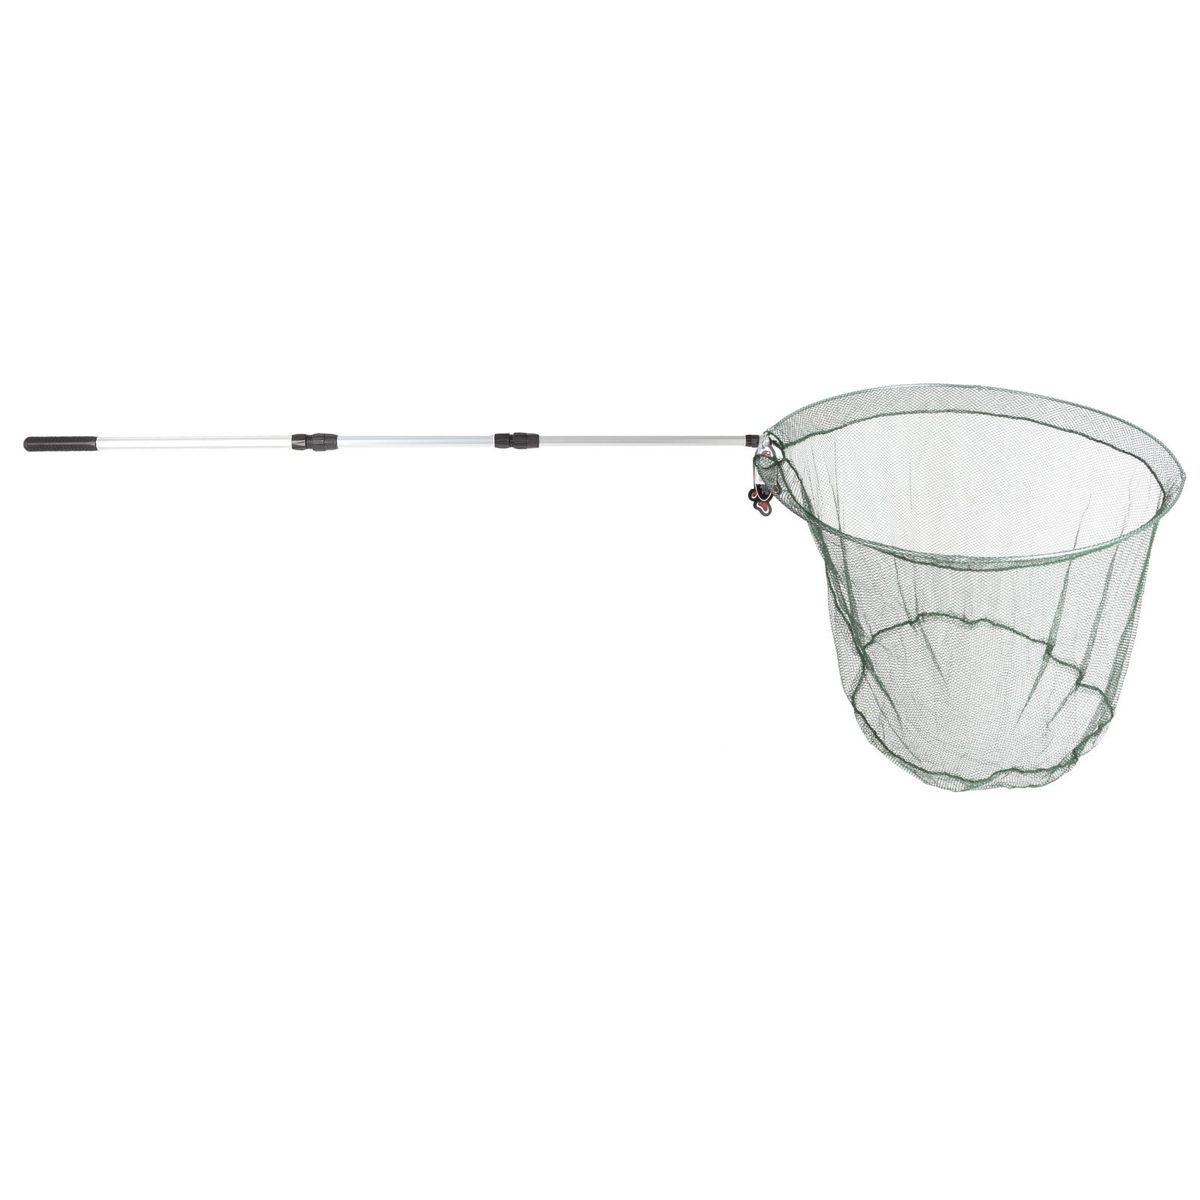 Подсачник рыболовный Onlitop, складной, диаметр 60 см, длина ручки 1,5 м